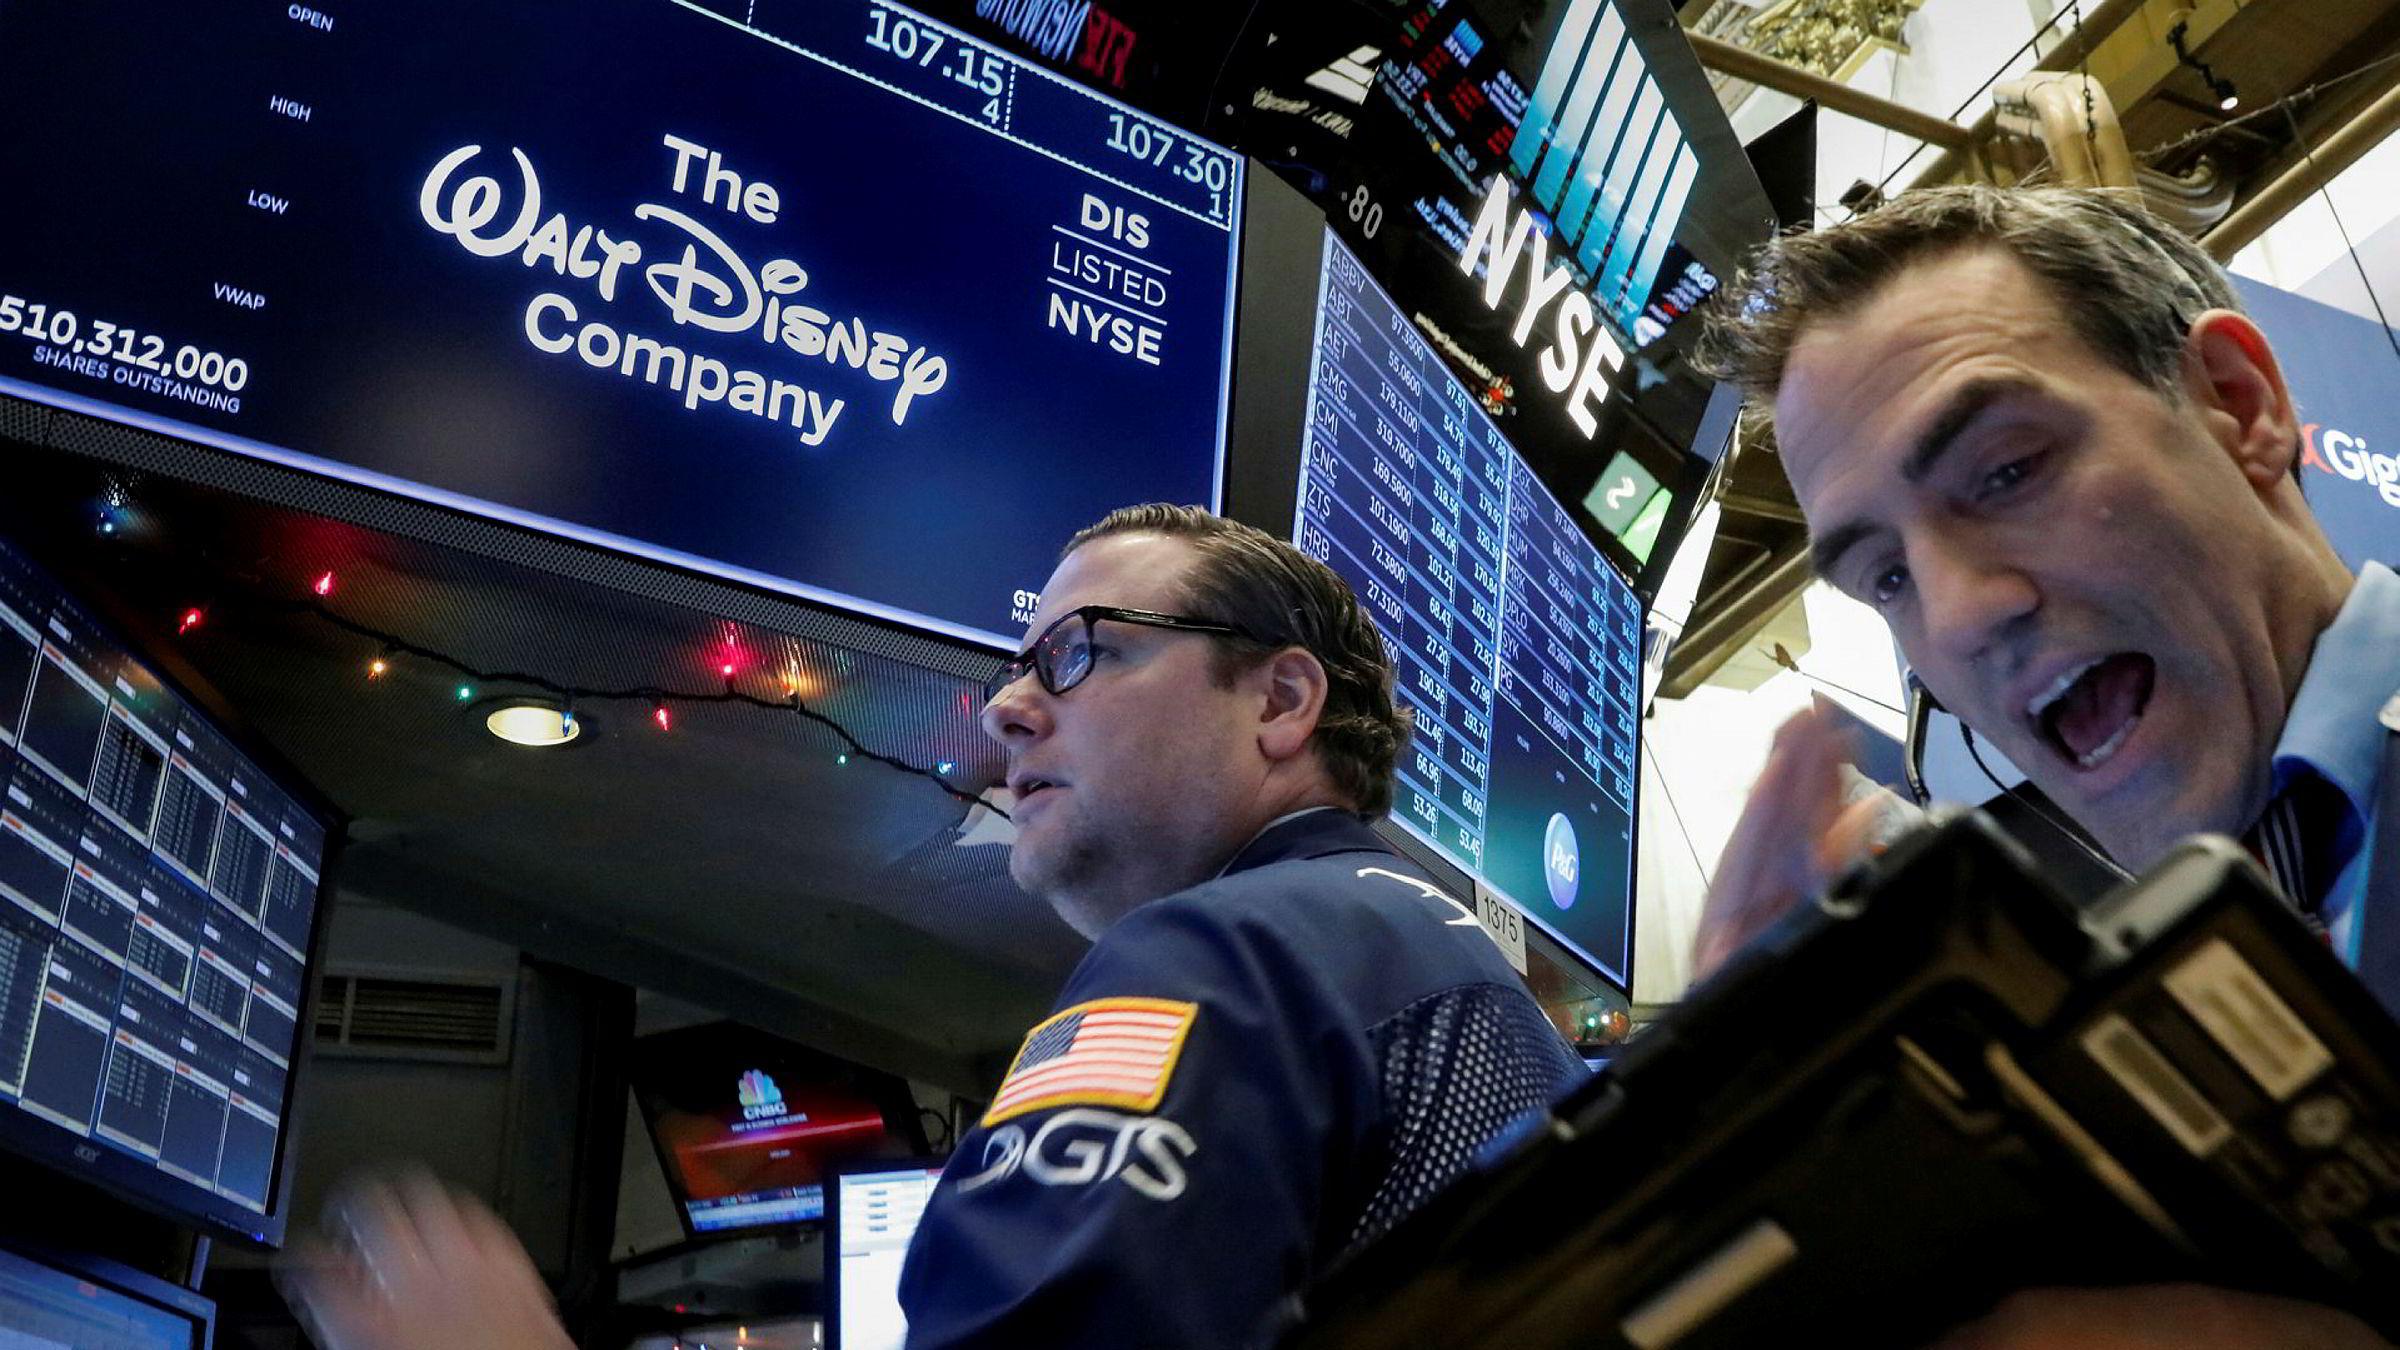 Walt Disney Company er opp magre 0,23 prosent etter at gigantkjøpet ble kjent. Twentieth Century Fox er opp 3,12 prosent.